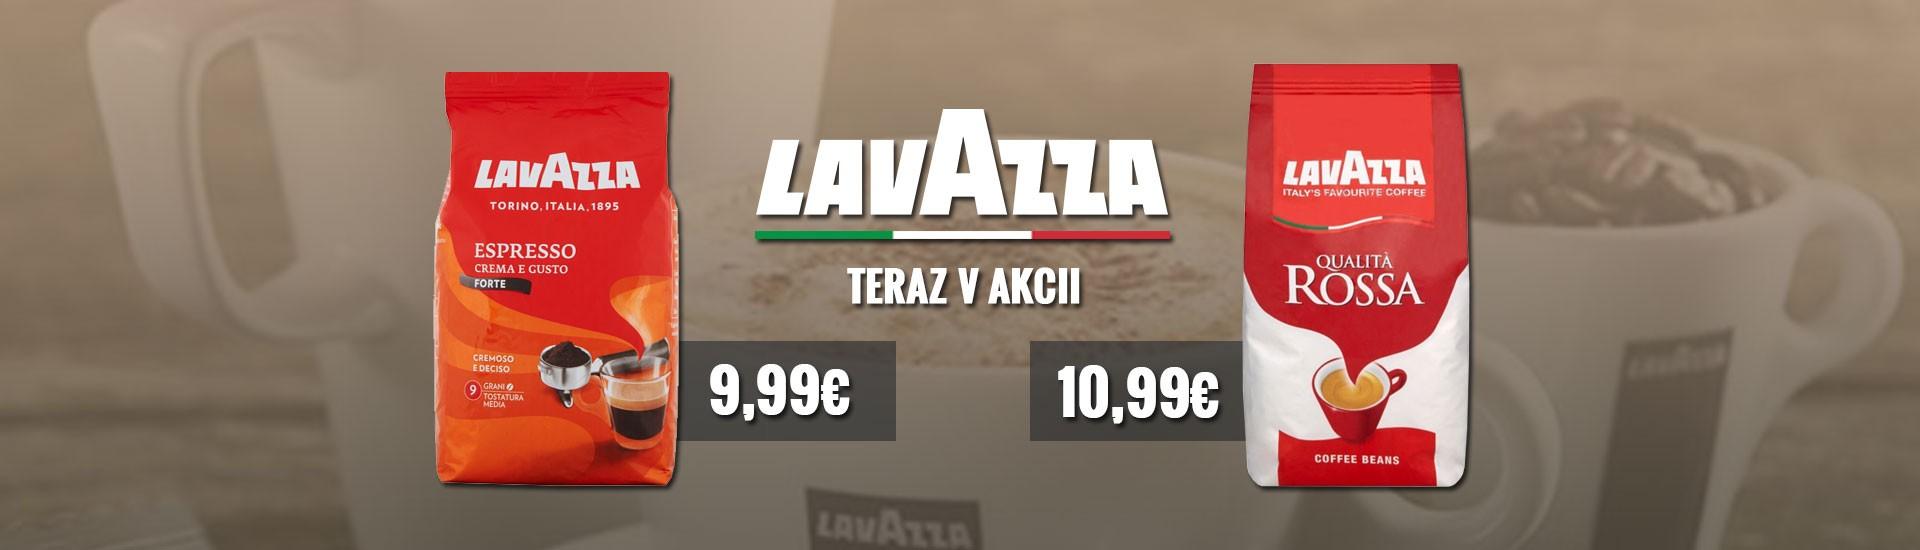 Lavazza Qualita Rossa, zrnková káva, 40% Arabica, 60% Robusta - 1kg